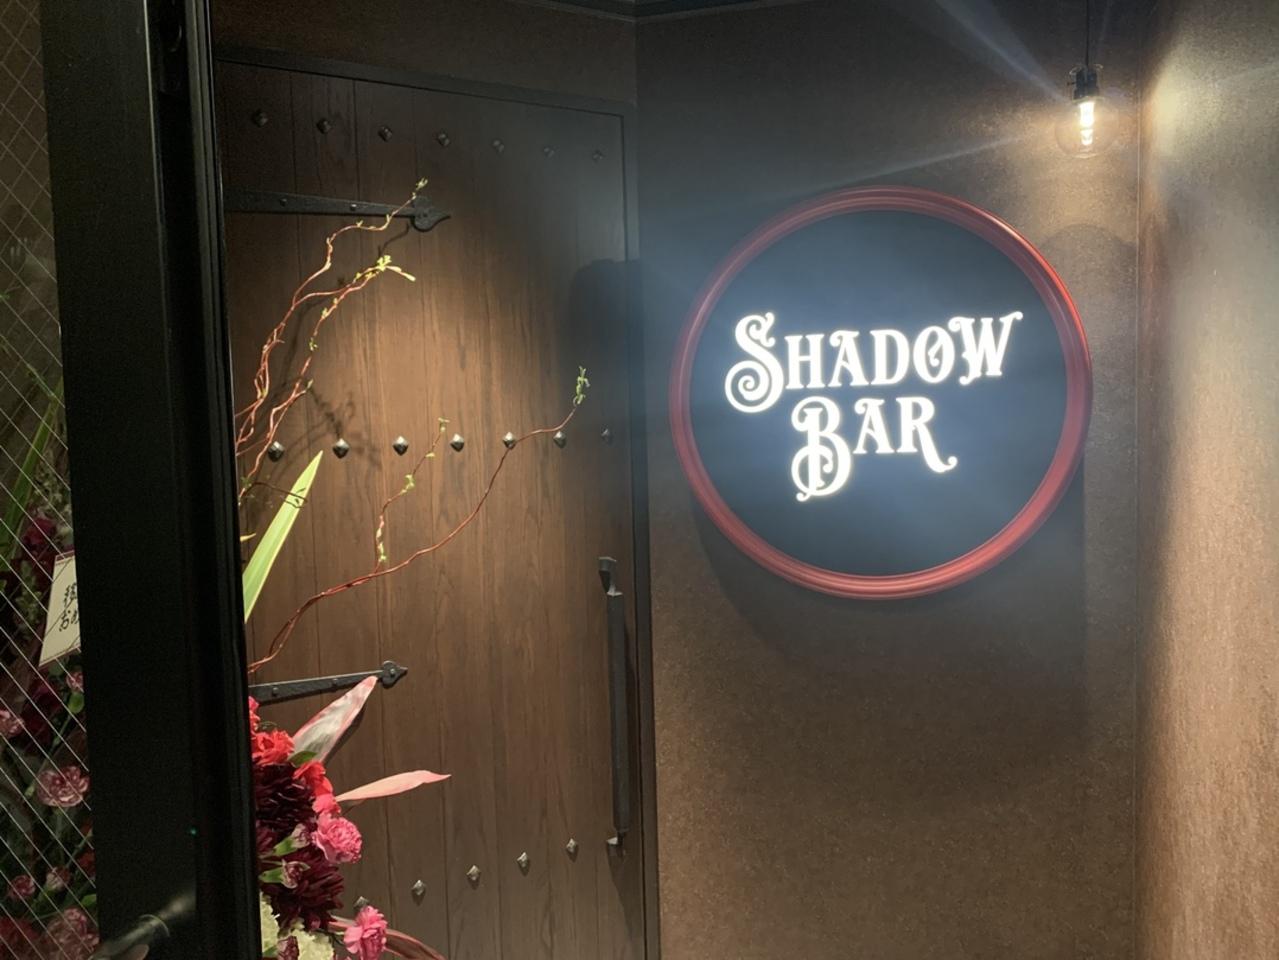 【八戸市】「SHADOW BAR」21.3.19三日町に移転オープンしました!